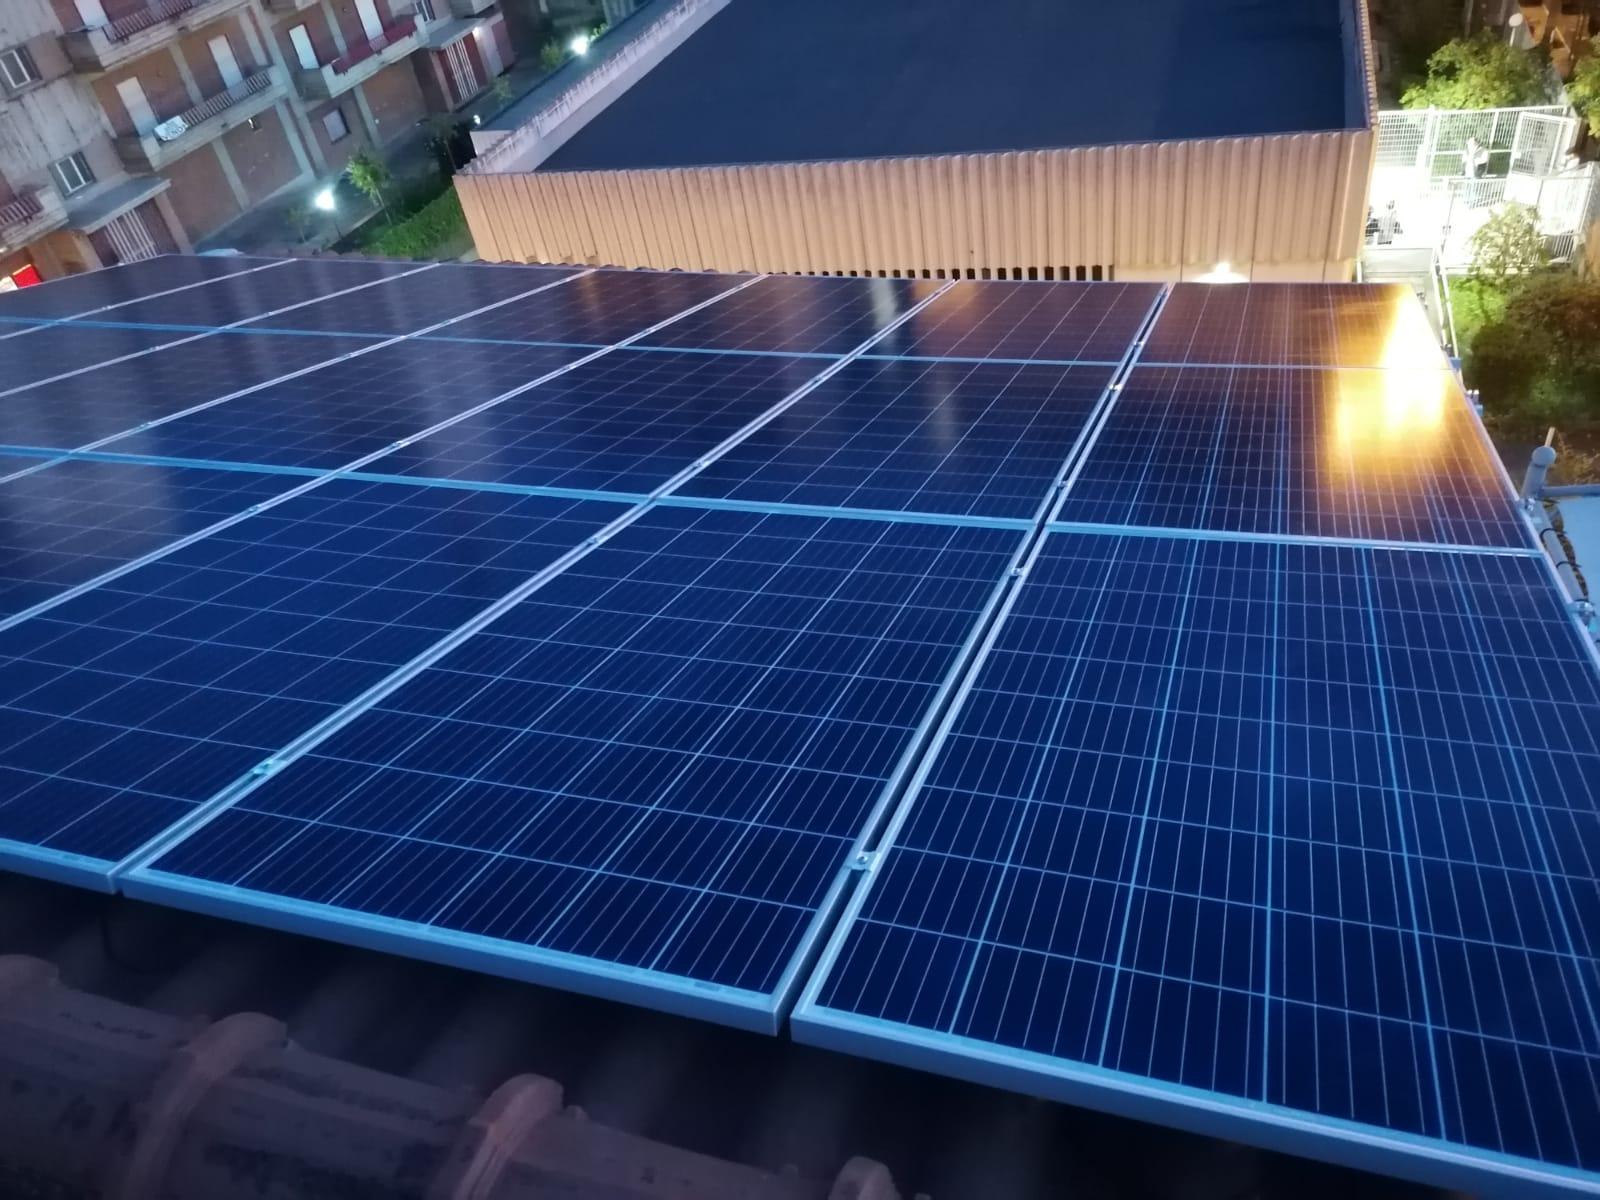 fotovoltaico a tetto